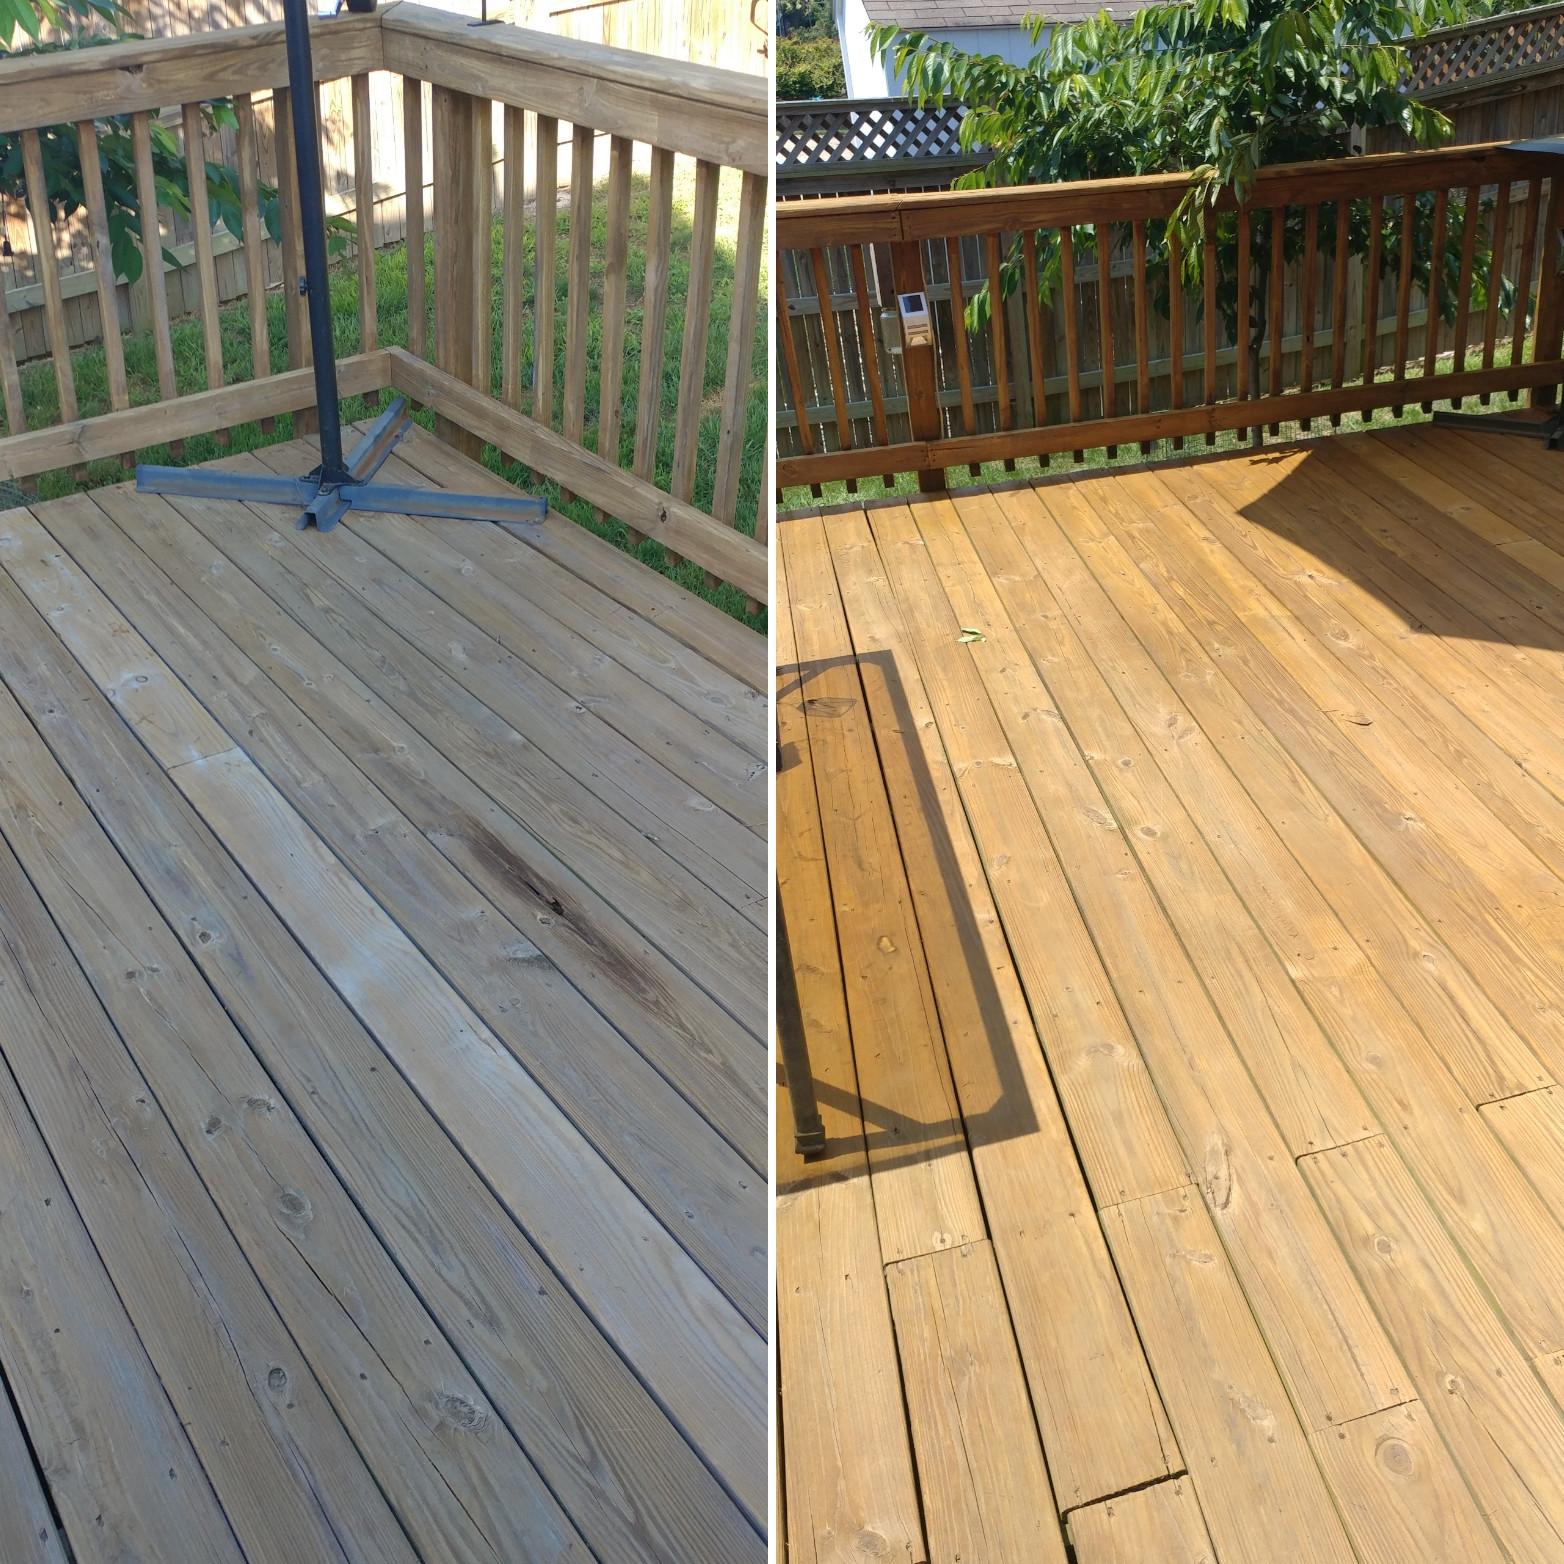 Best Deck Restoration Paint  Restore A Deck Wood Stain Review